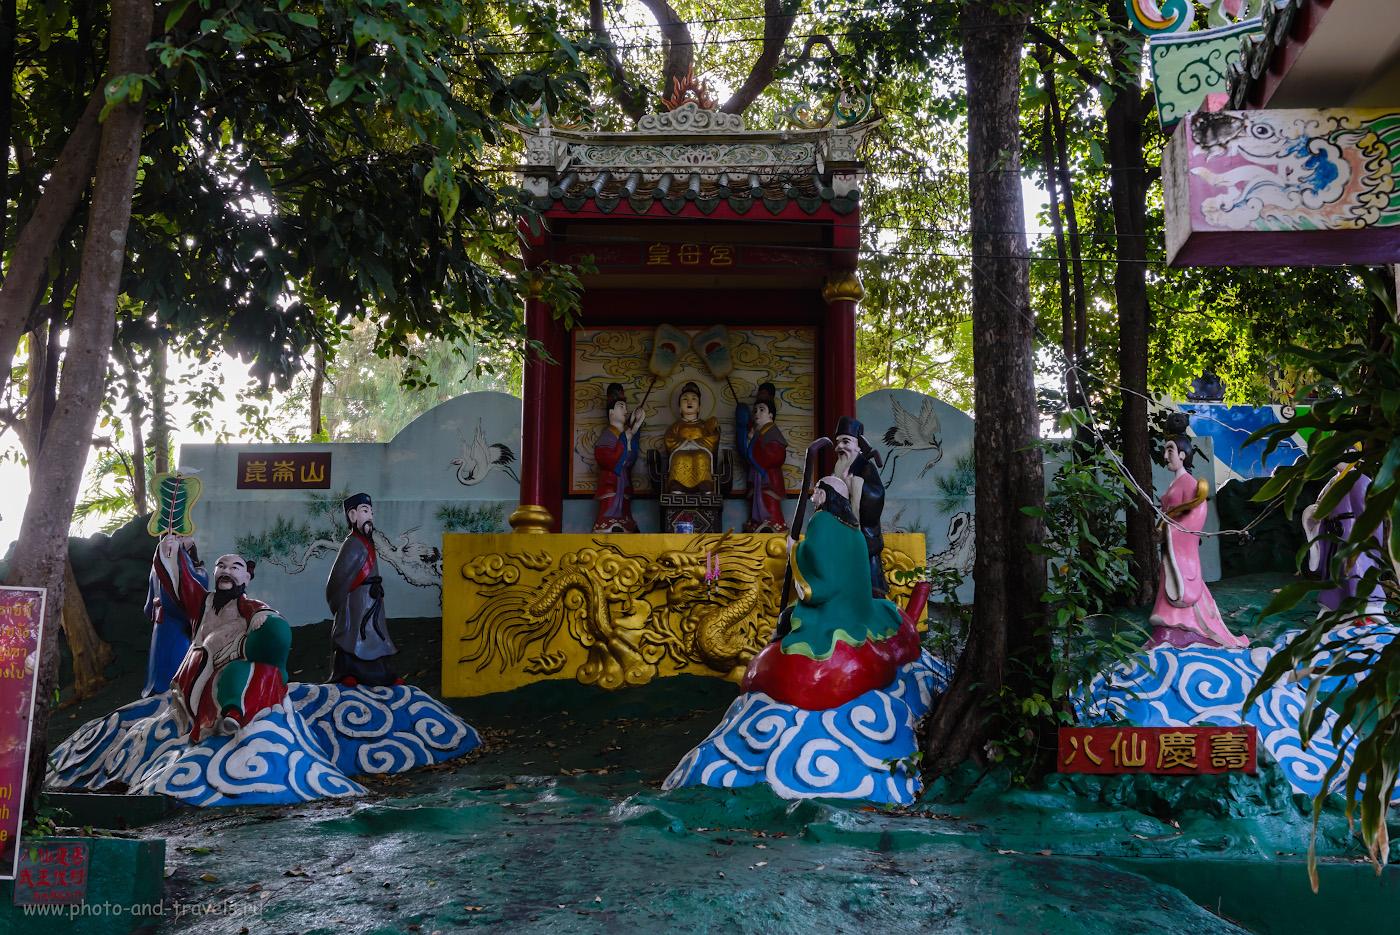 Фото 6. Еще одна сценка из жизни китайских народных преданий в парке Wang Sam Sien рядом с Большим Буддой. Отзывы туристов о самостоятельных экскурсиях в Паттайе во время отдыха в октябре 2017 года. 1/100, +0.33, 8.0, 1000, 48.